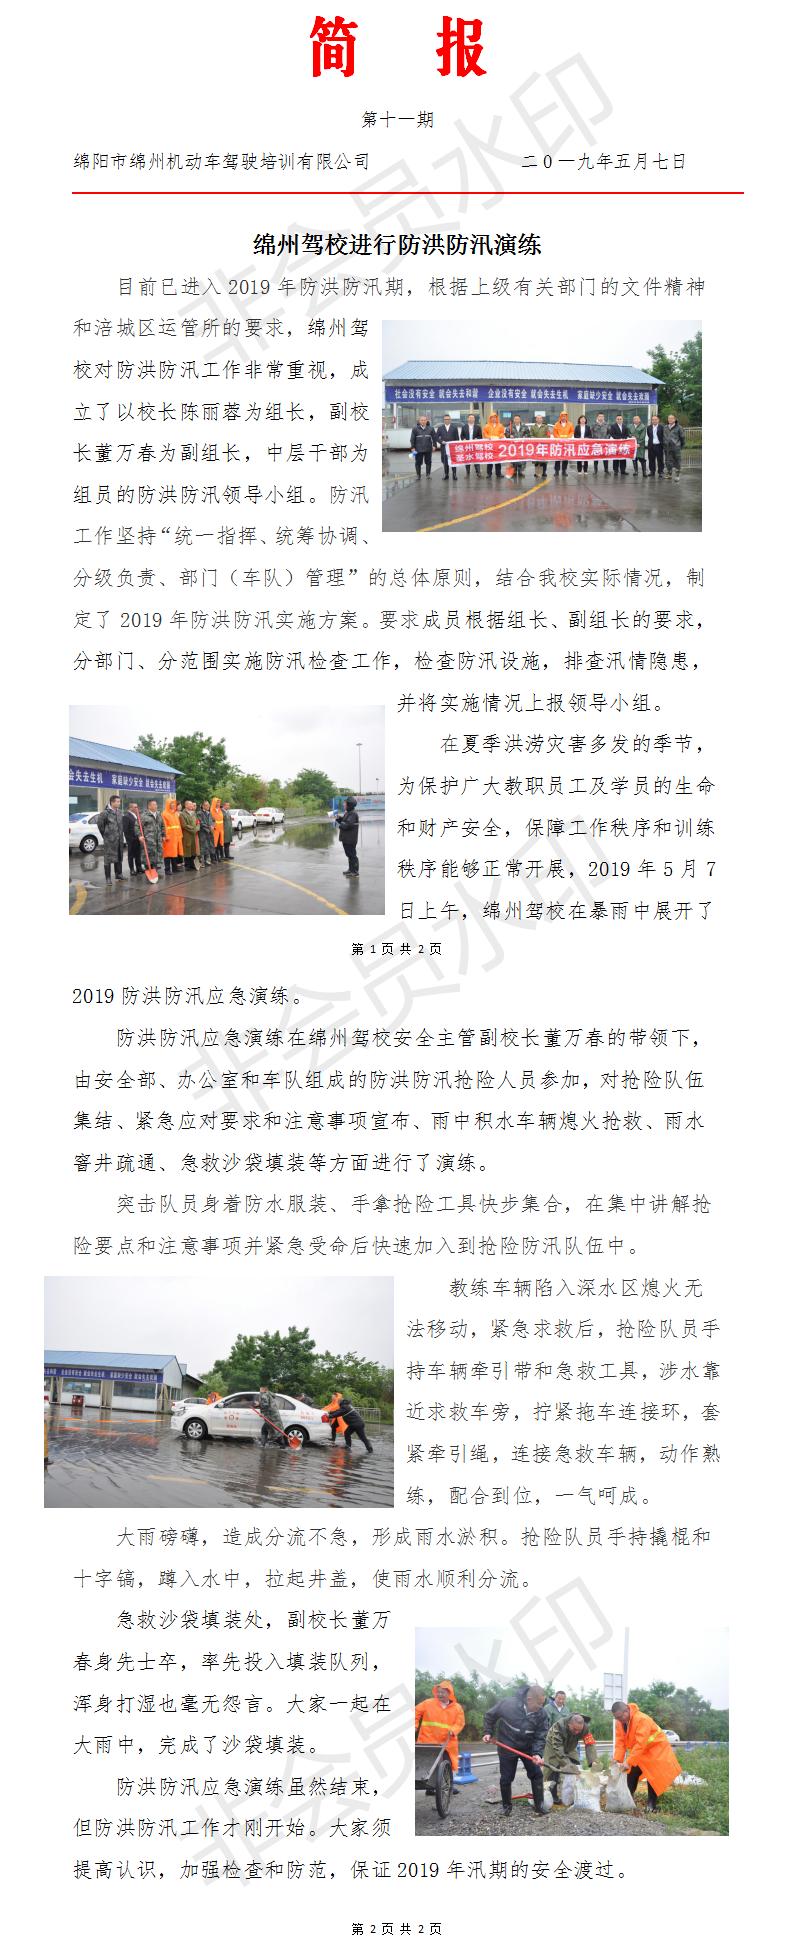 11第十一期——綿州駕校進行防洪防汛演練.png